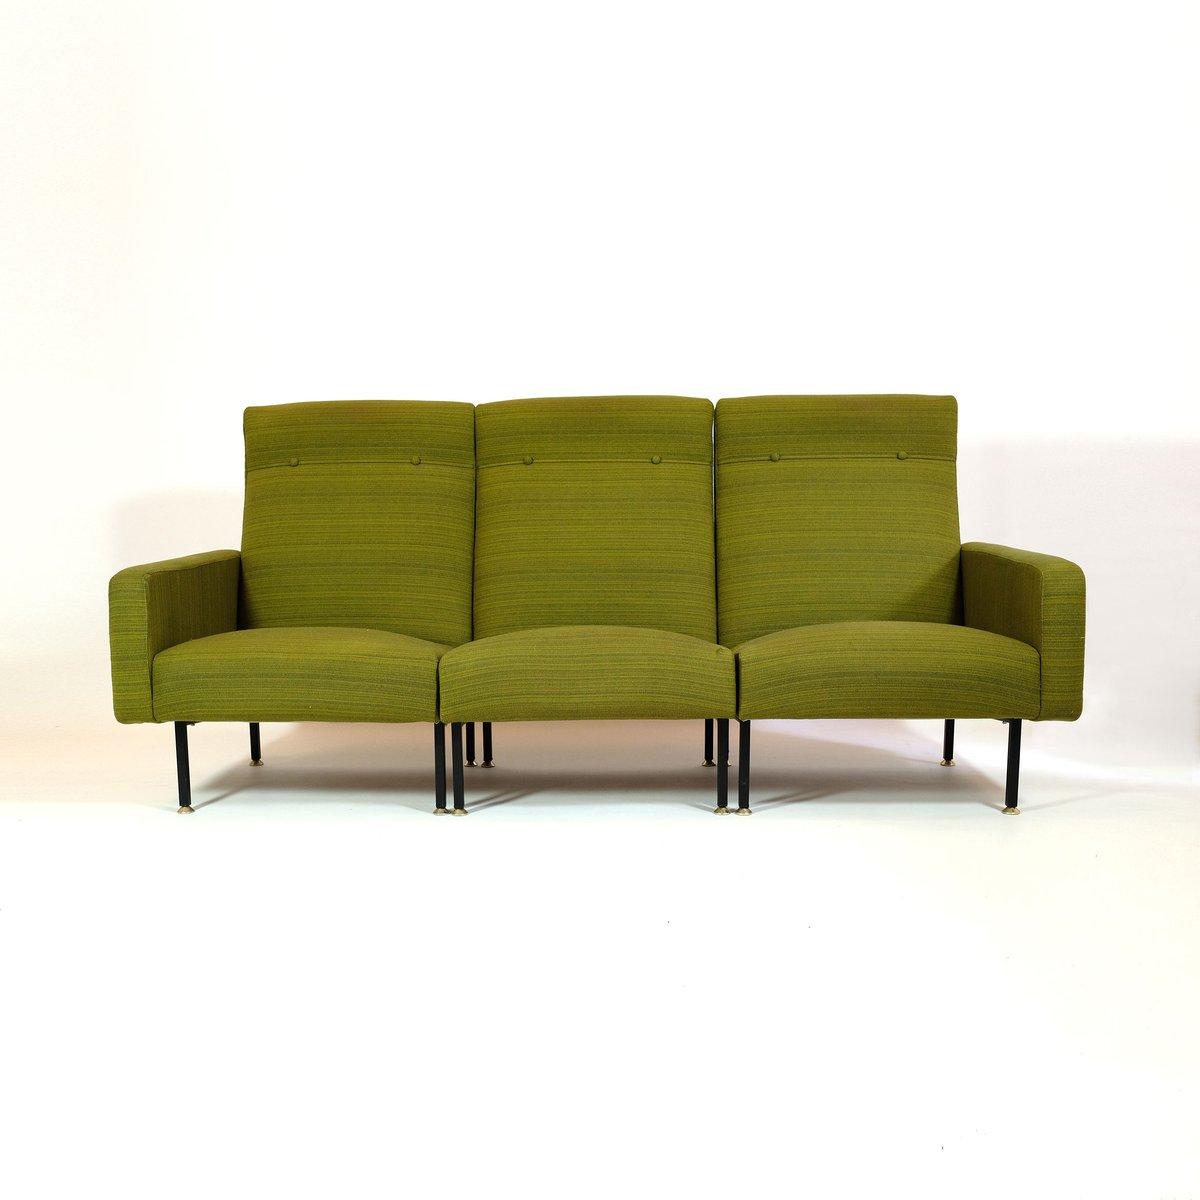 gr nes franz sisches modular sofa von steiner bei pamono. Black Bedroom Furniture Sets. Home Design Ideas